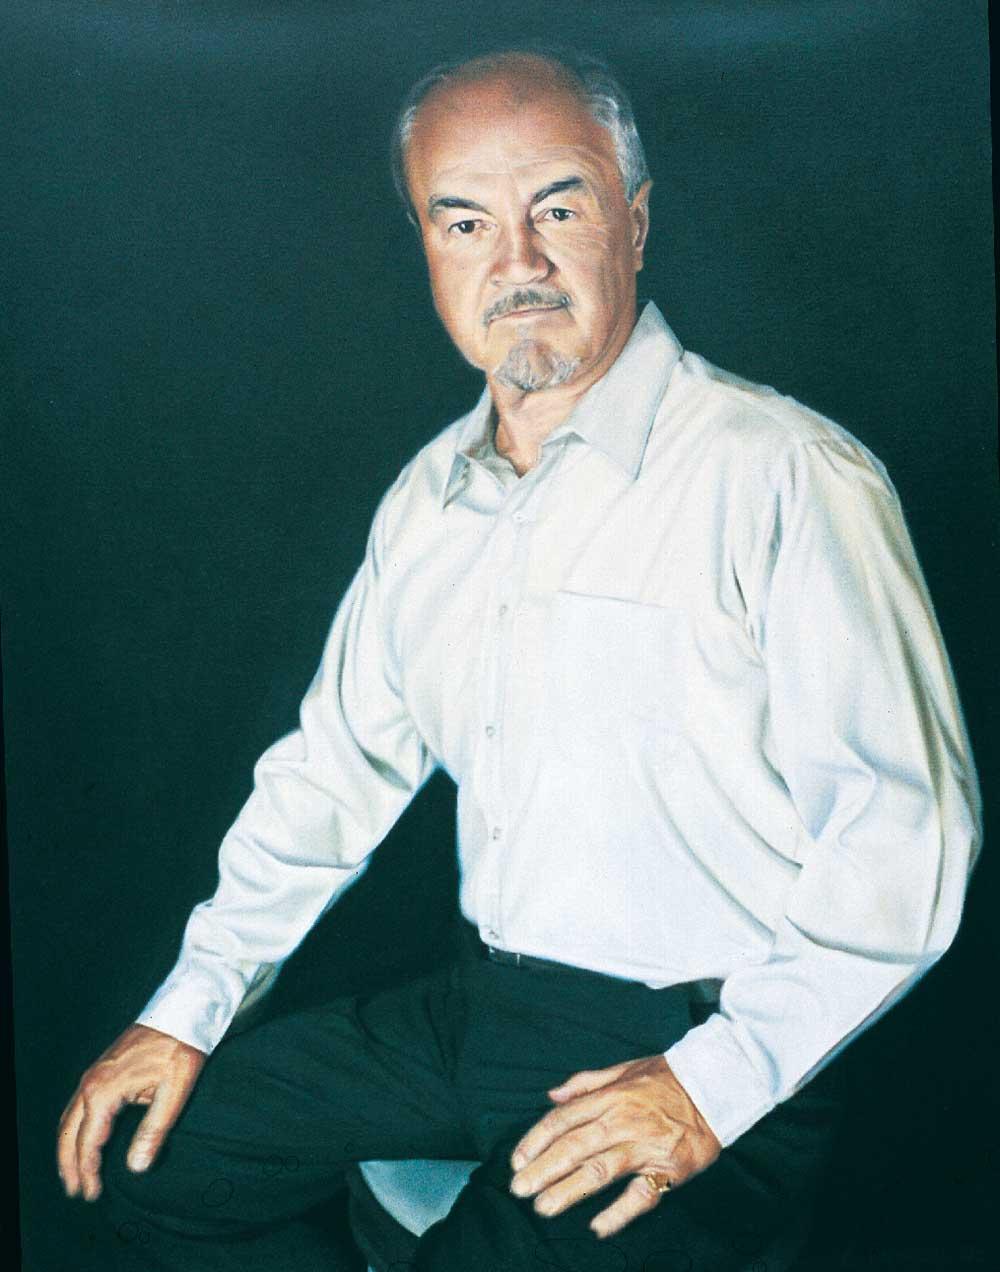 Portrait of Henry Wilkinson by Leanne Carroll